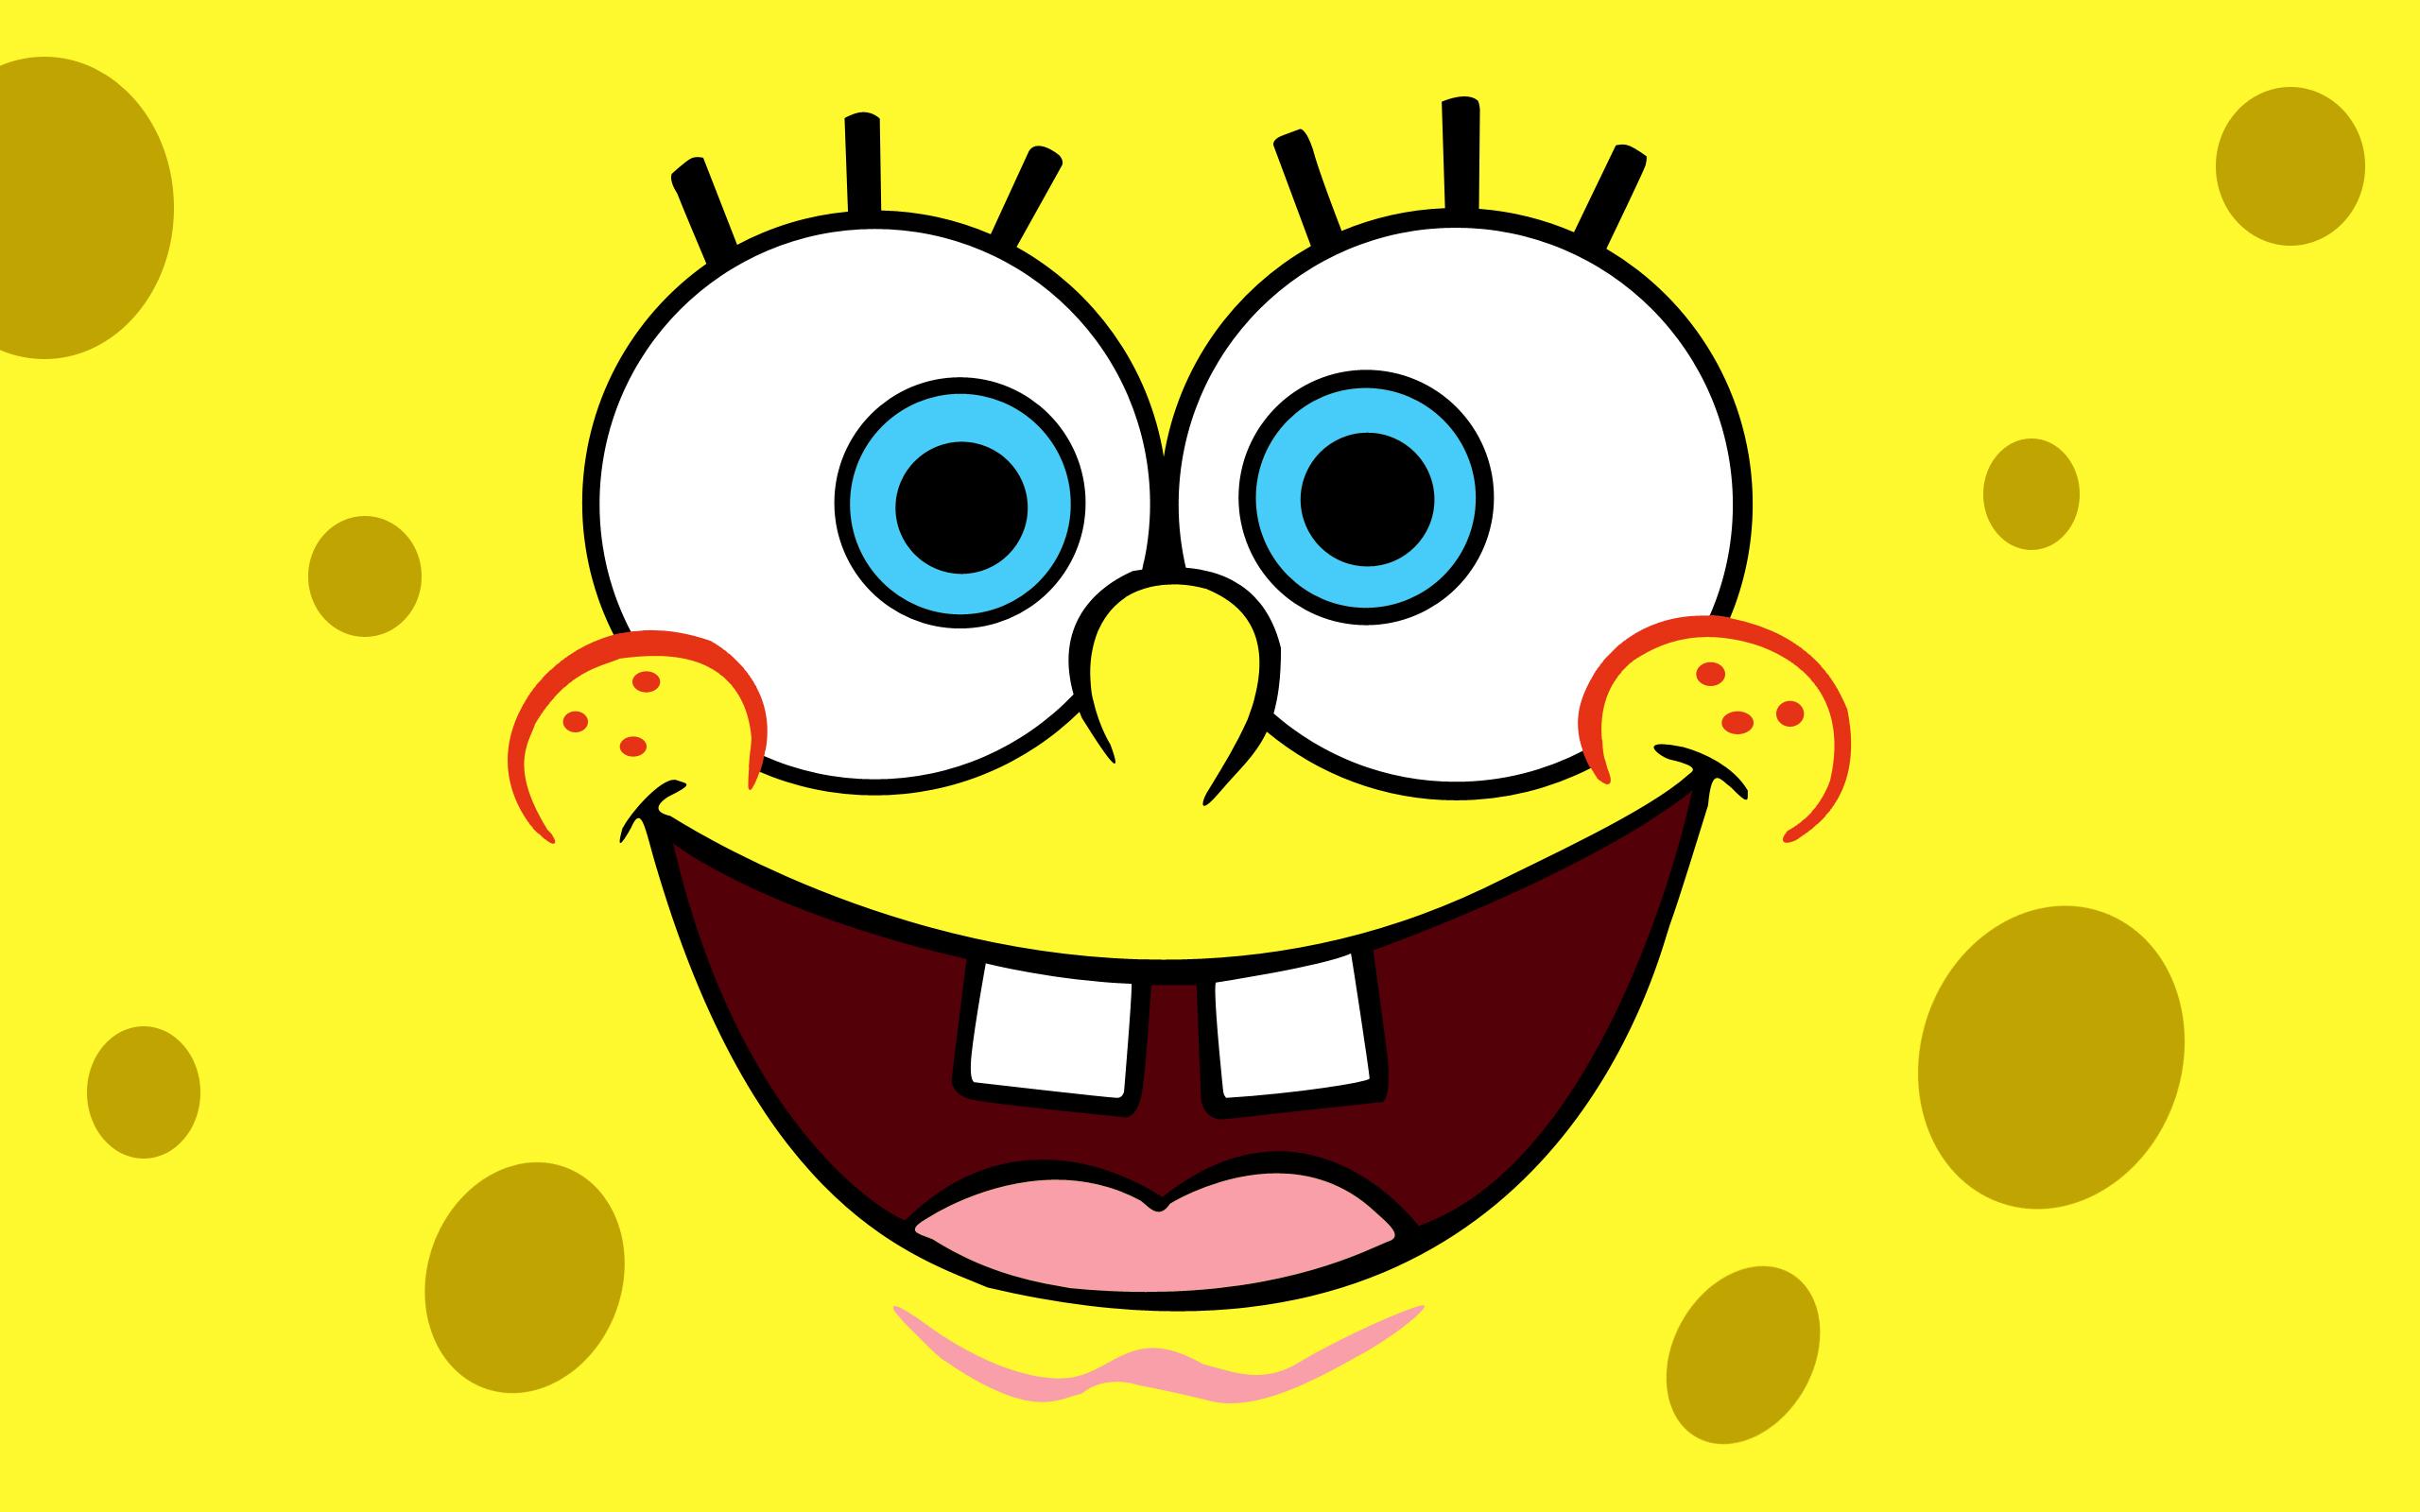 Spongebob Squarepants Computer Wallpapers Desktop Backgrounds 2560x1600